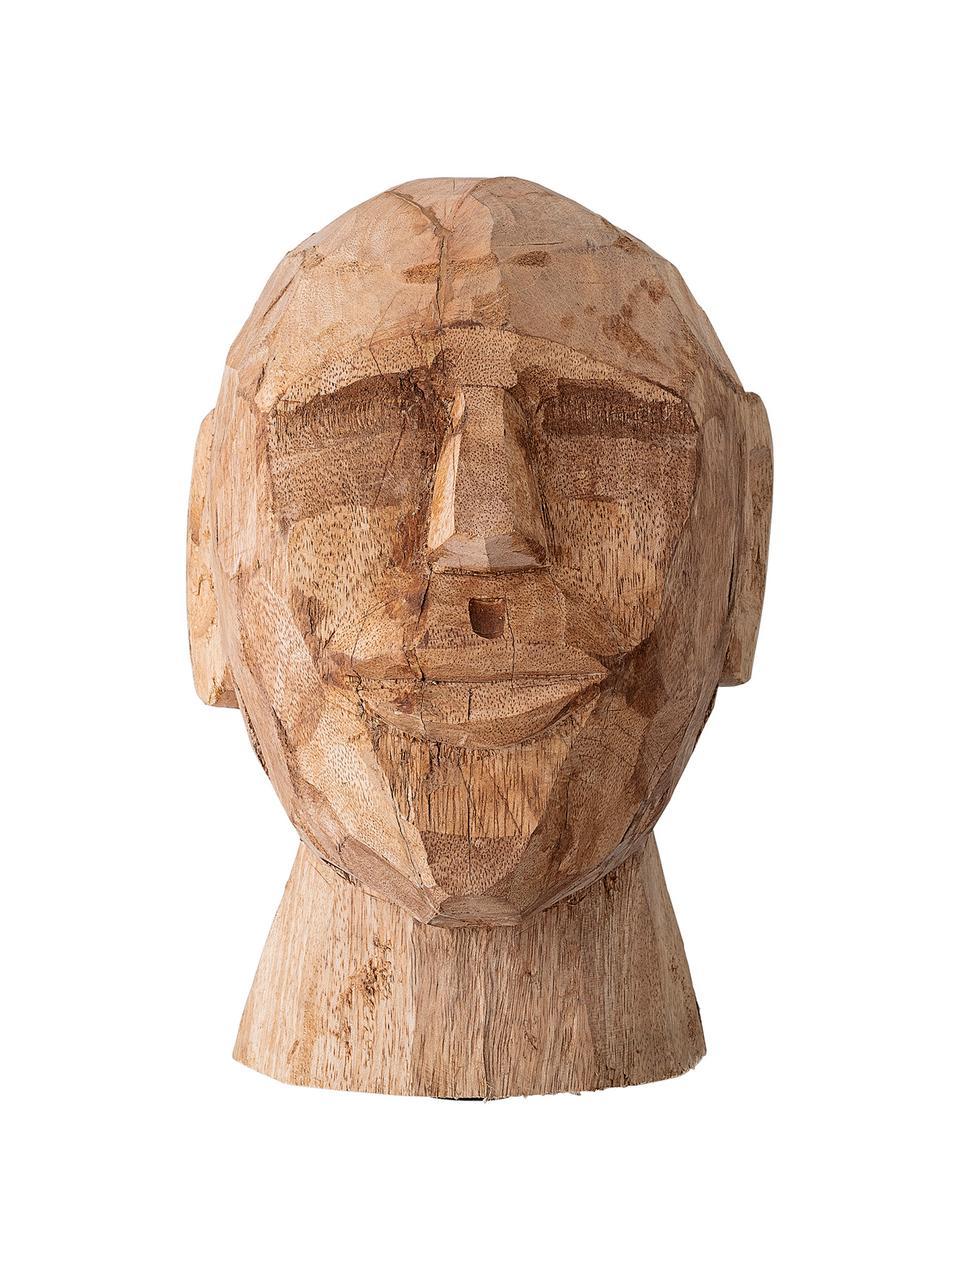 Handgefertigtes Deko-Objekt Face, Mangoholz, Mangoholz, 16 x 24 cm